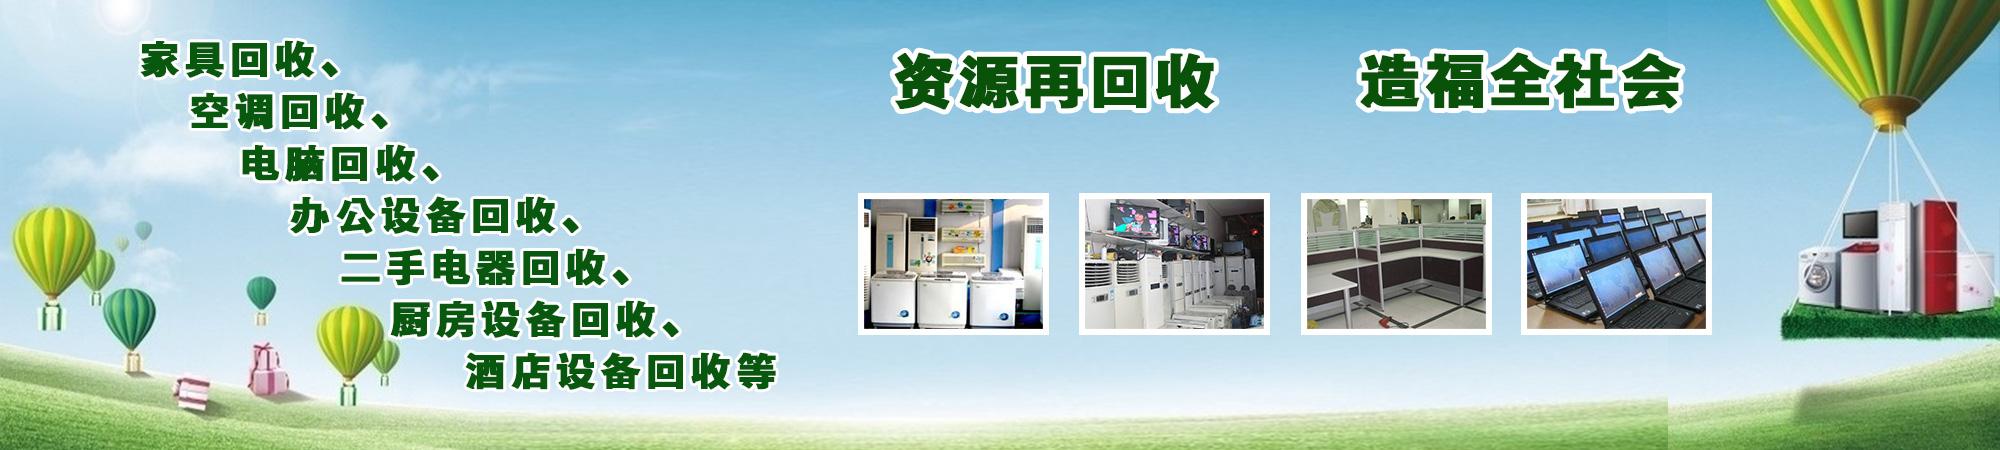 武汉家具回收,办公家具回收,厨房设备回收